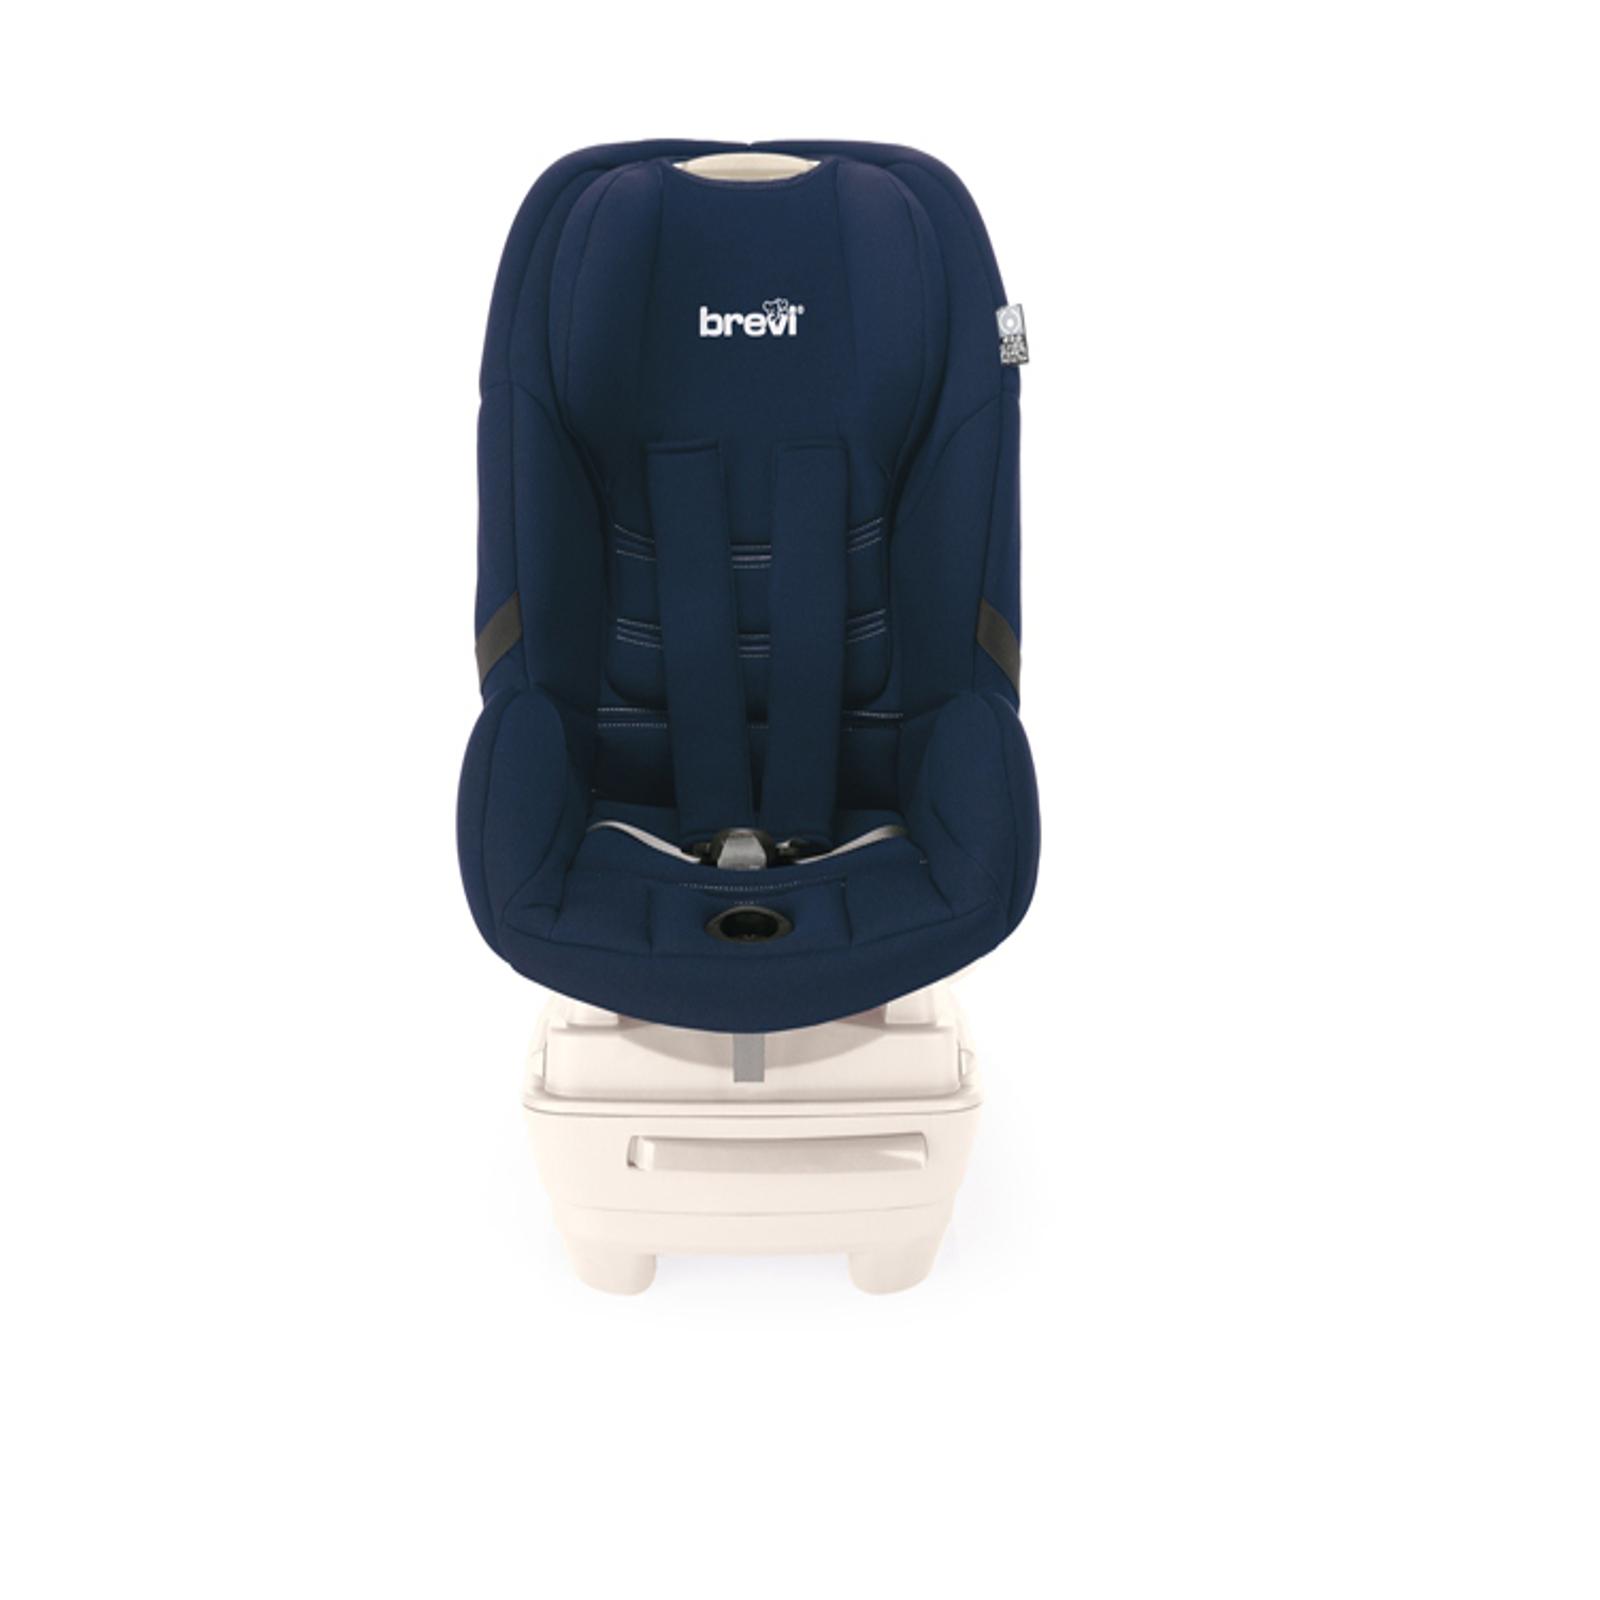 Автокресло Brevi Kio-S Синее 239<br>